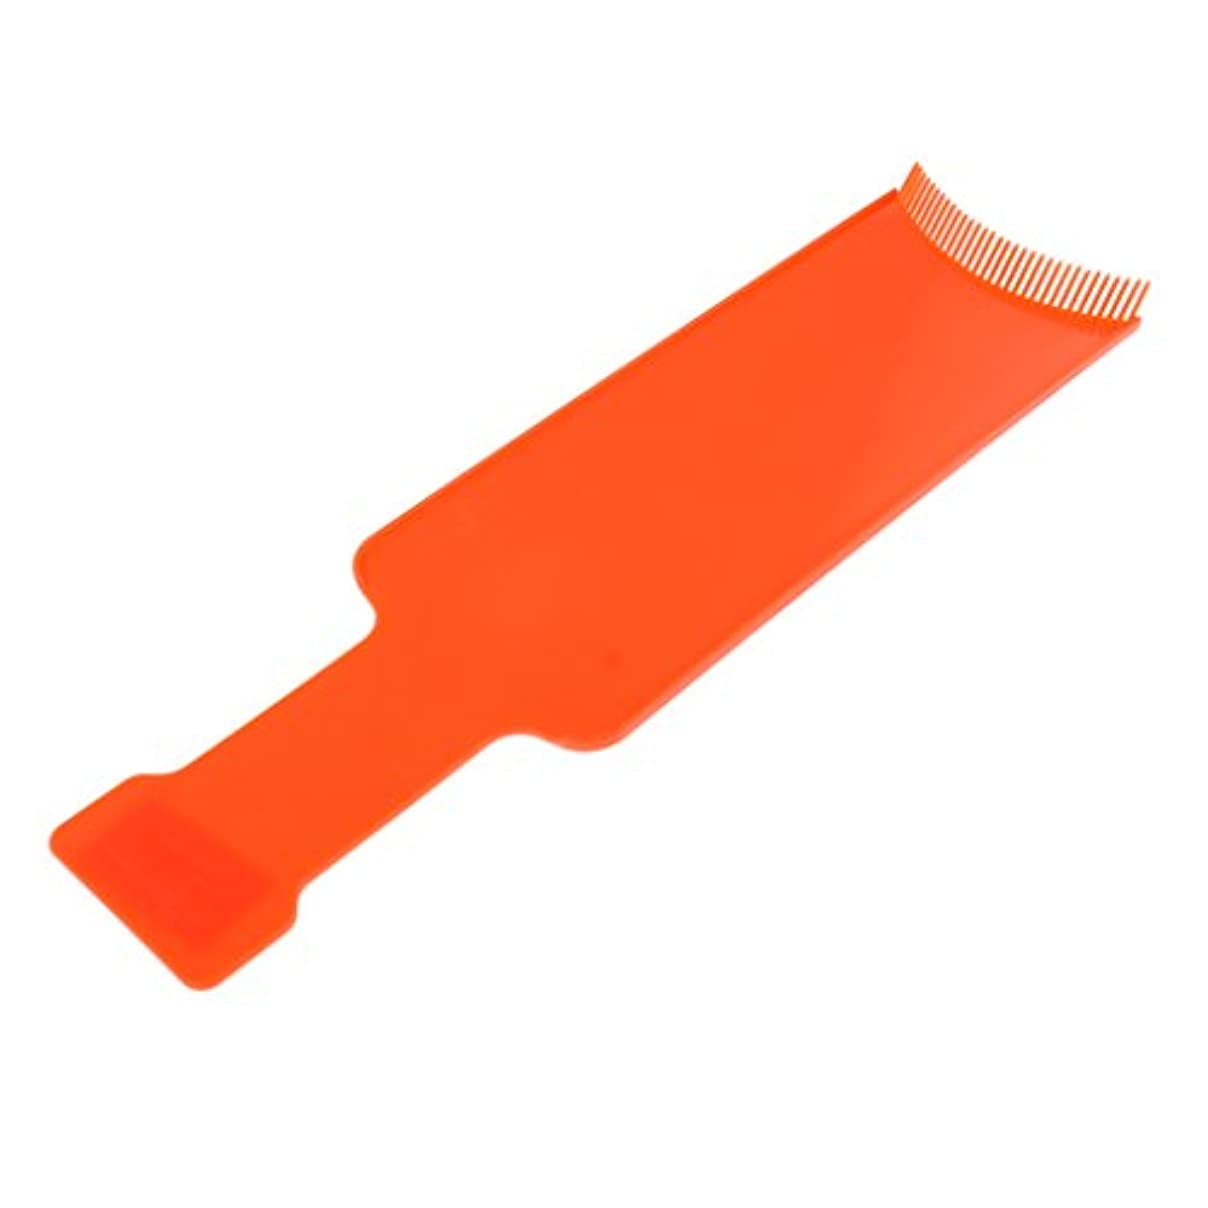 ラオス人侵入ことわざT TOOYFUL プロフェッショナル理髪染めボード着色ブラシ色合いくしツール - オレンジ, L